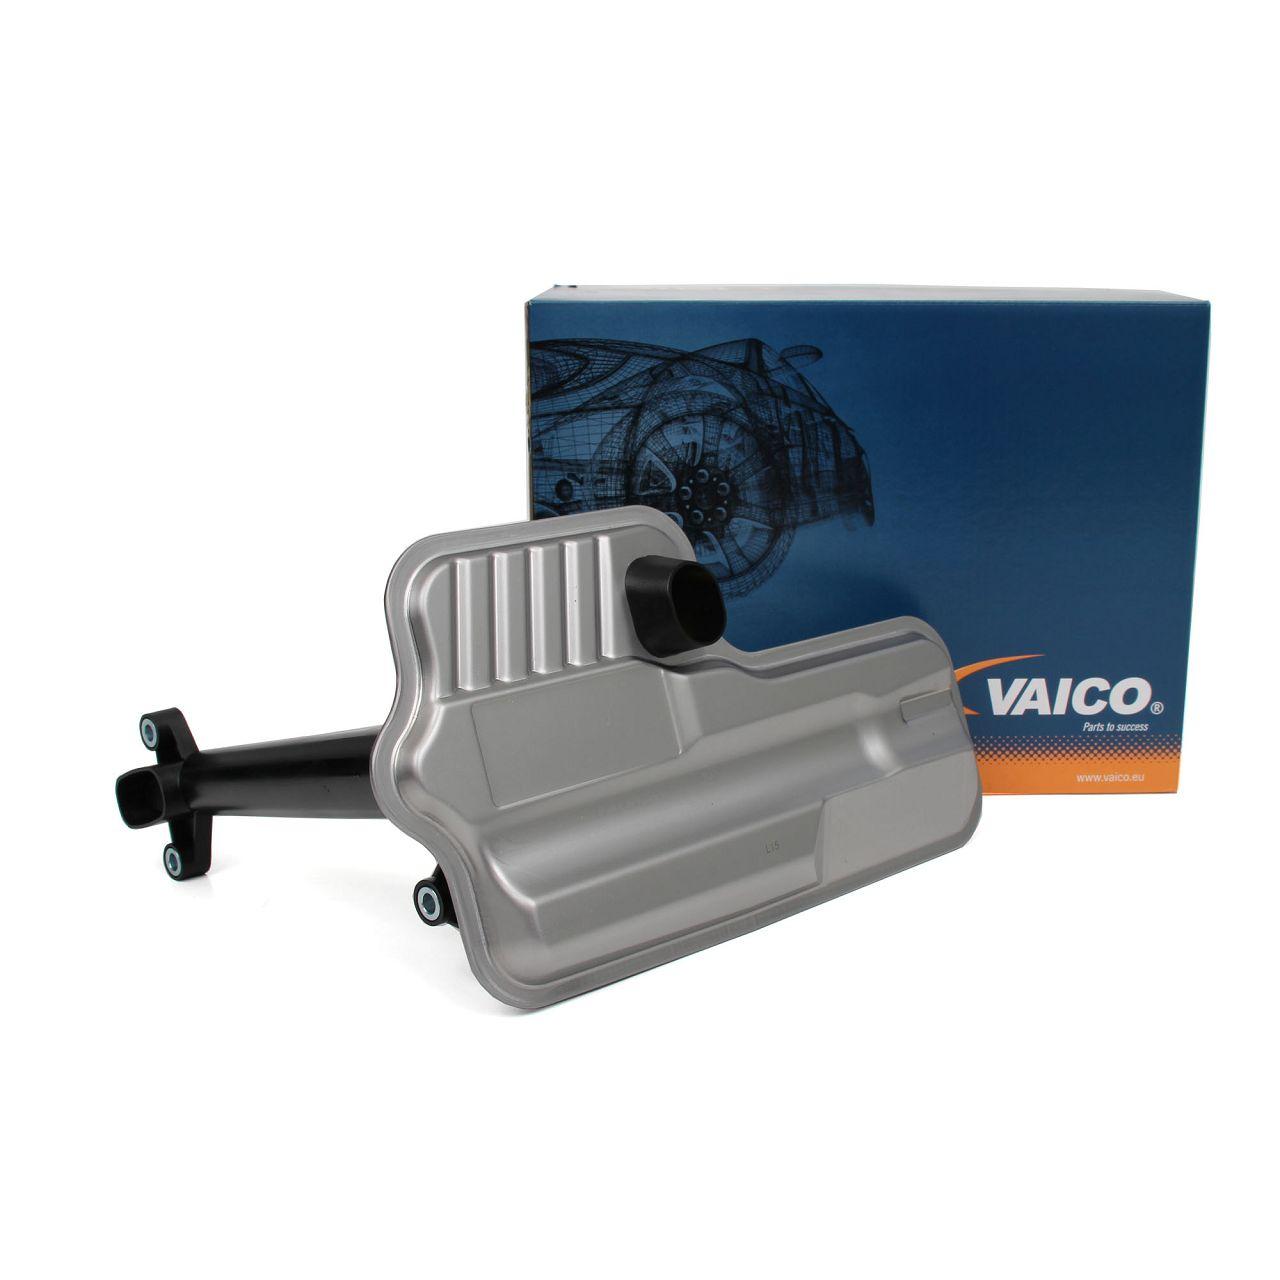 VAICO V10-3022 Hydraulikfilter Getriebefilter für Audi A4 B8 A5 8T/F A6 C7 A7 4G